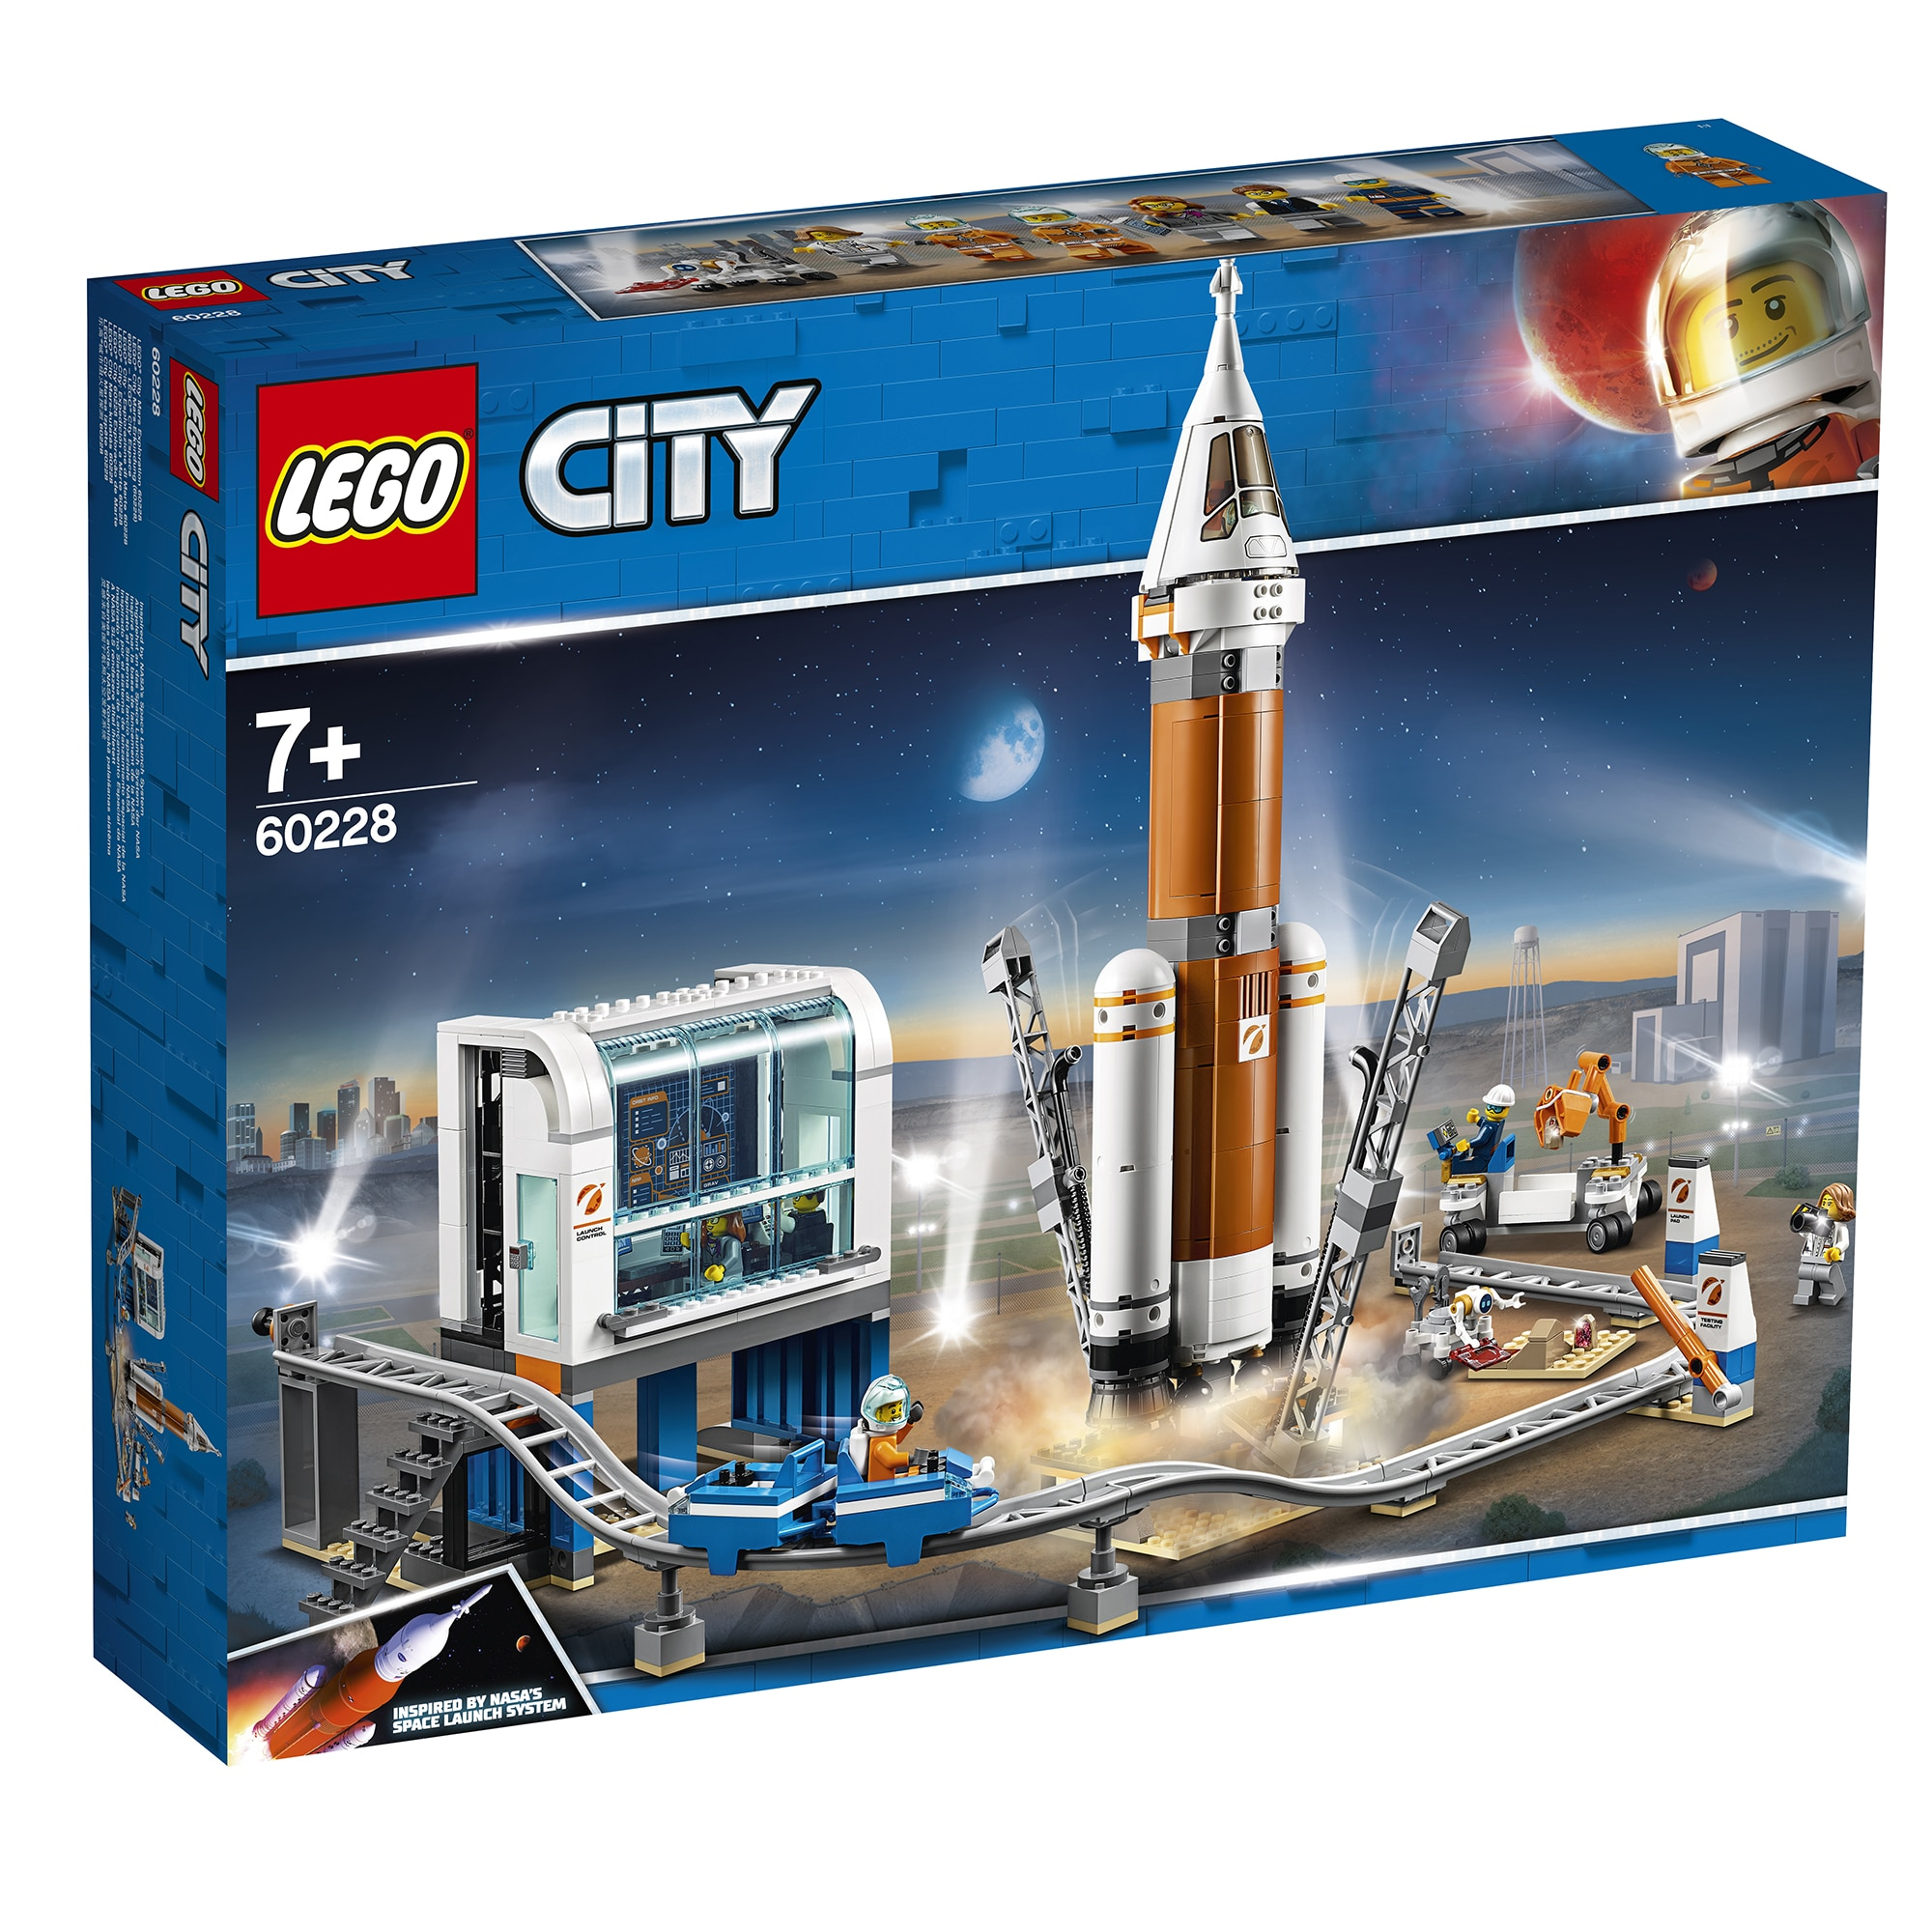 Fotografie LEGO City Space Port - Racheta pentru spatiul indepartat si centrul de comanda al lansarii 60228, 837 piese